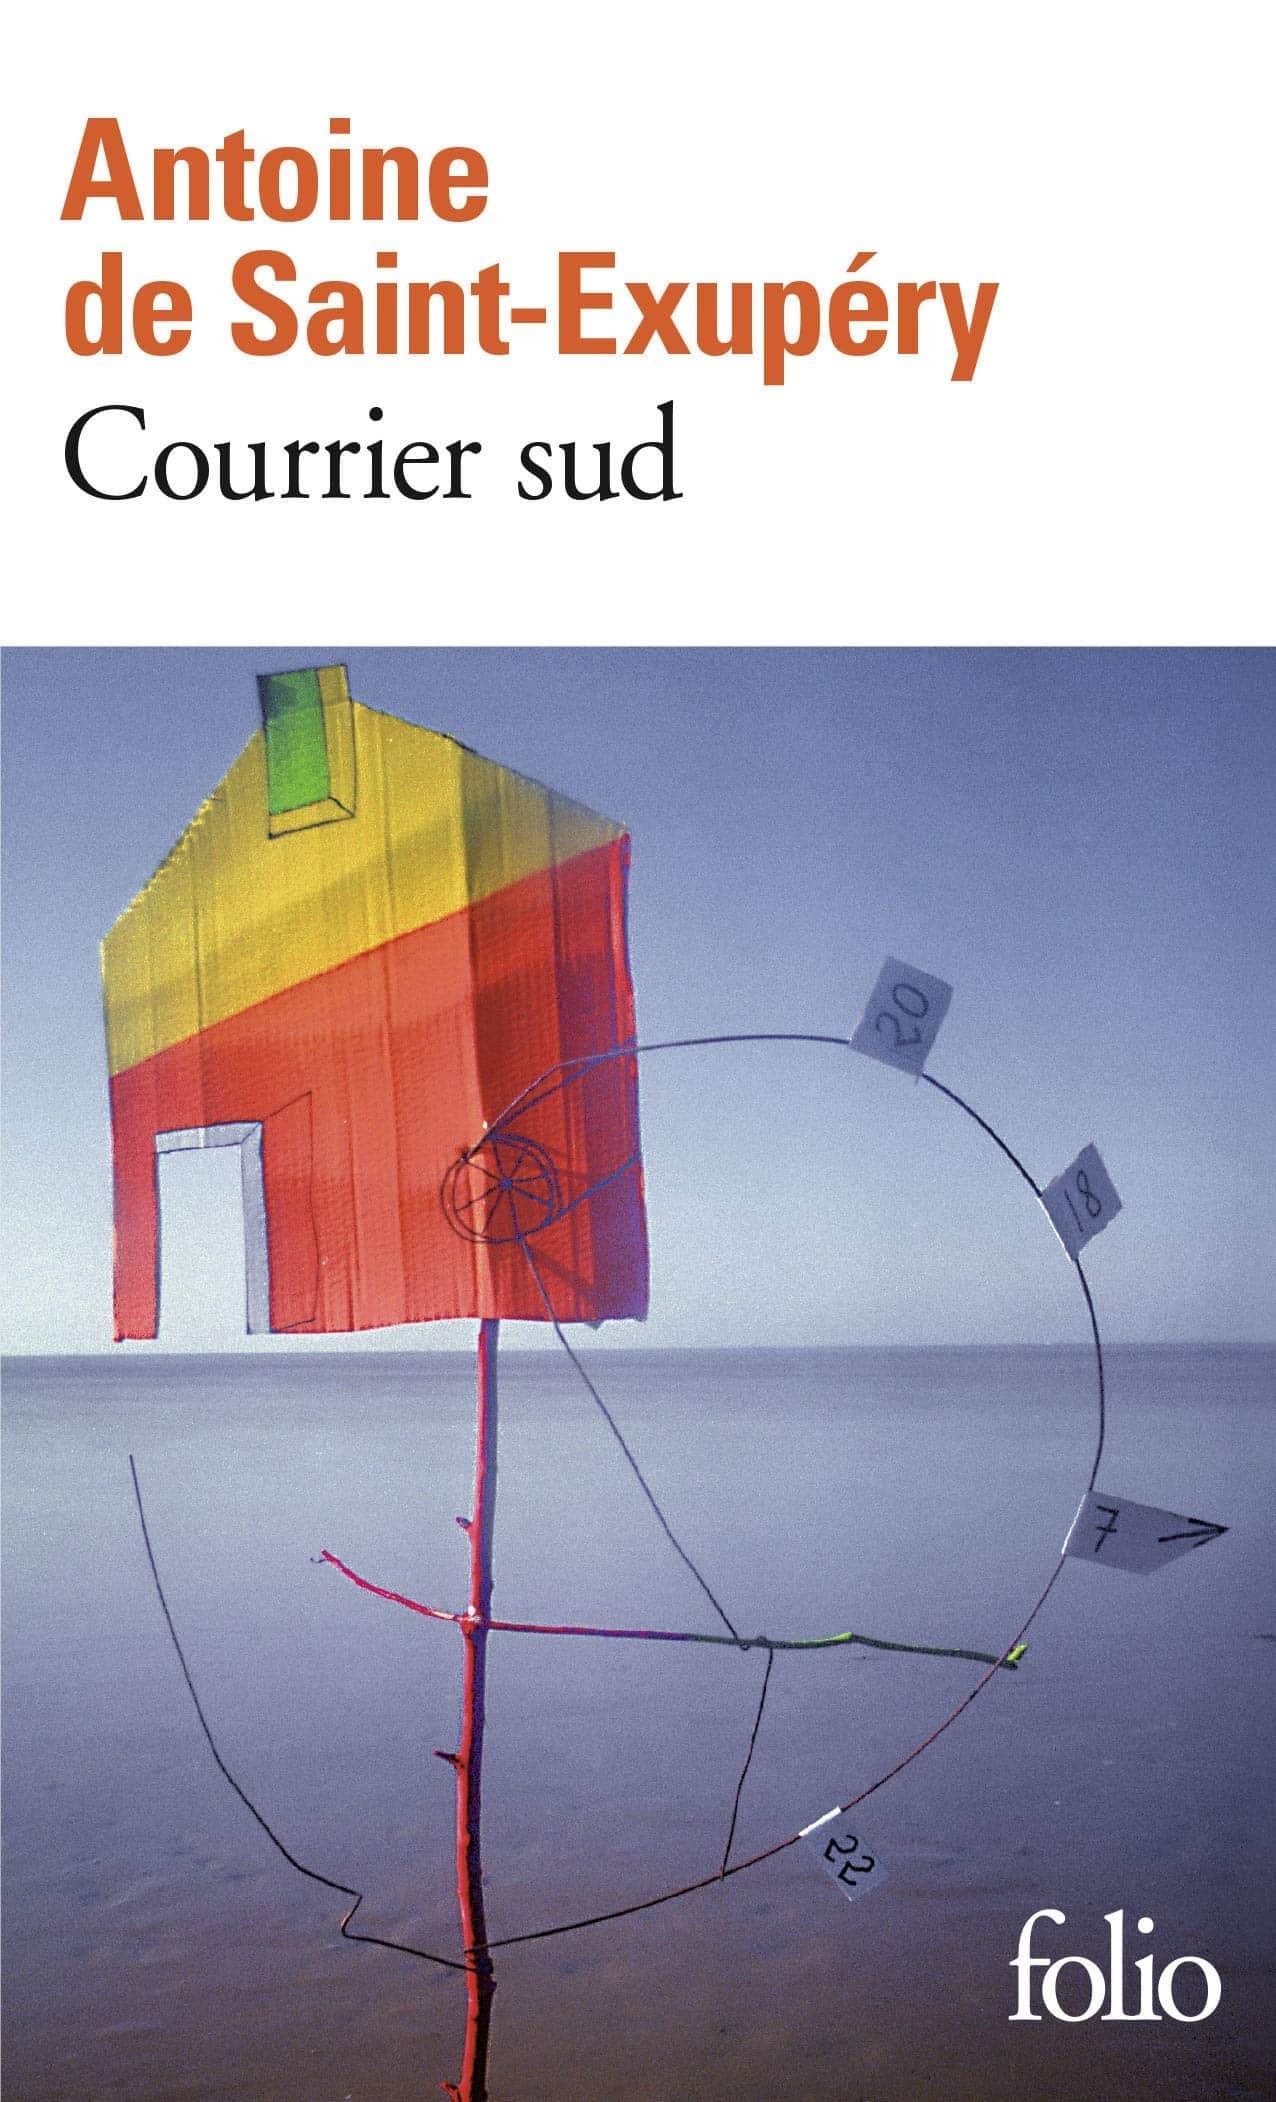 Courrier sud, d'Antoine de Saint-Exupéry